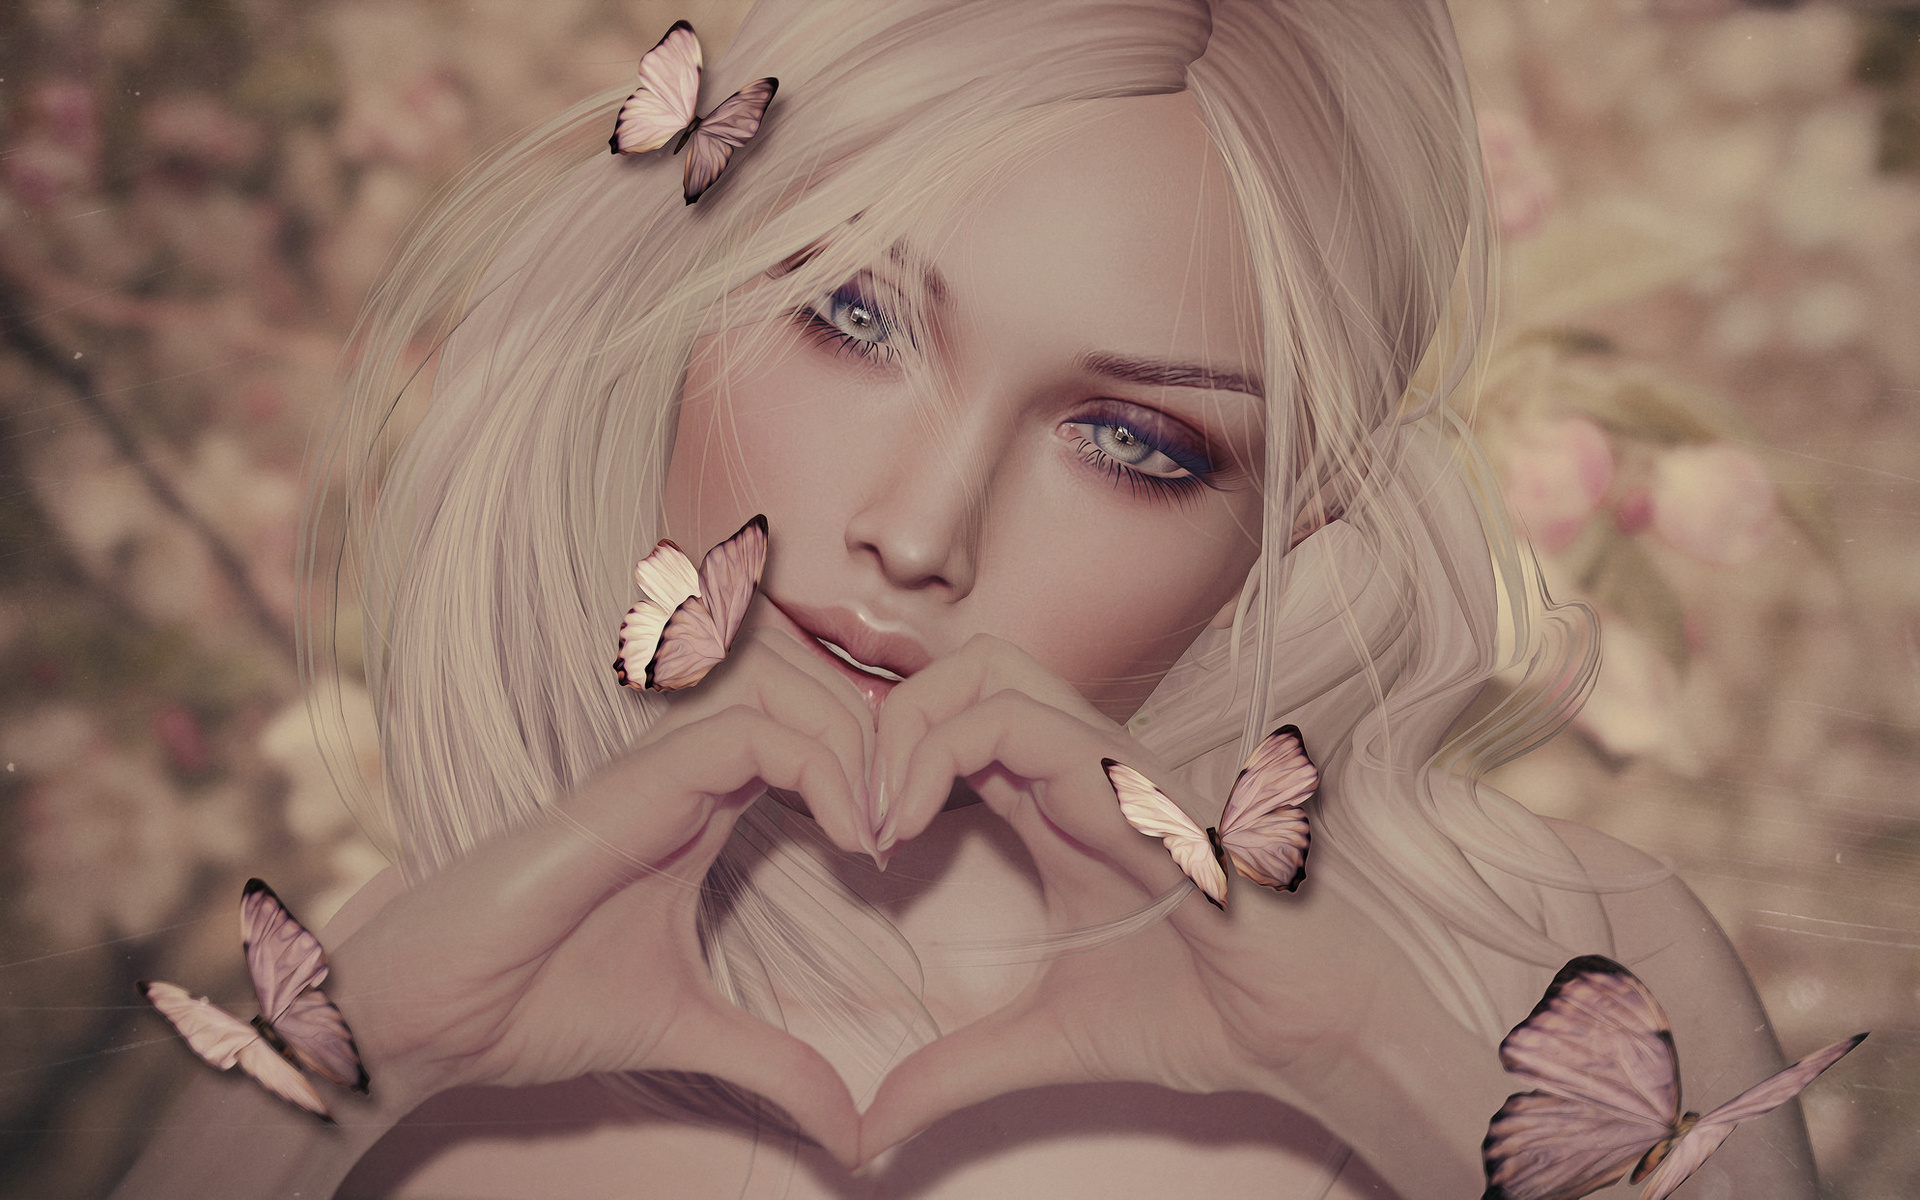 Картинки блондинок аватары